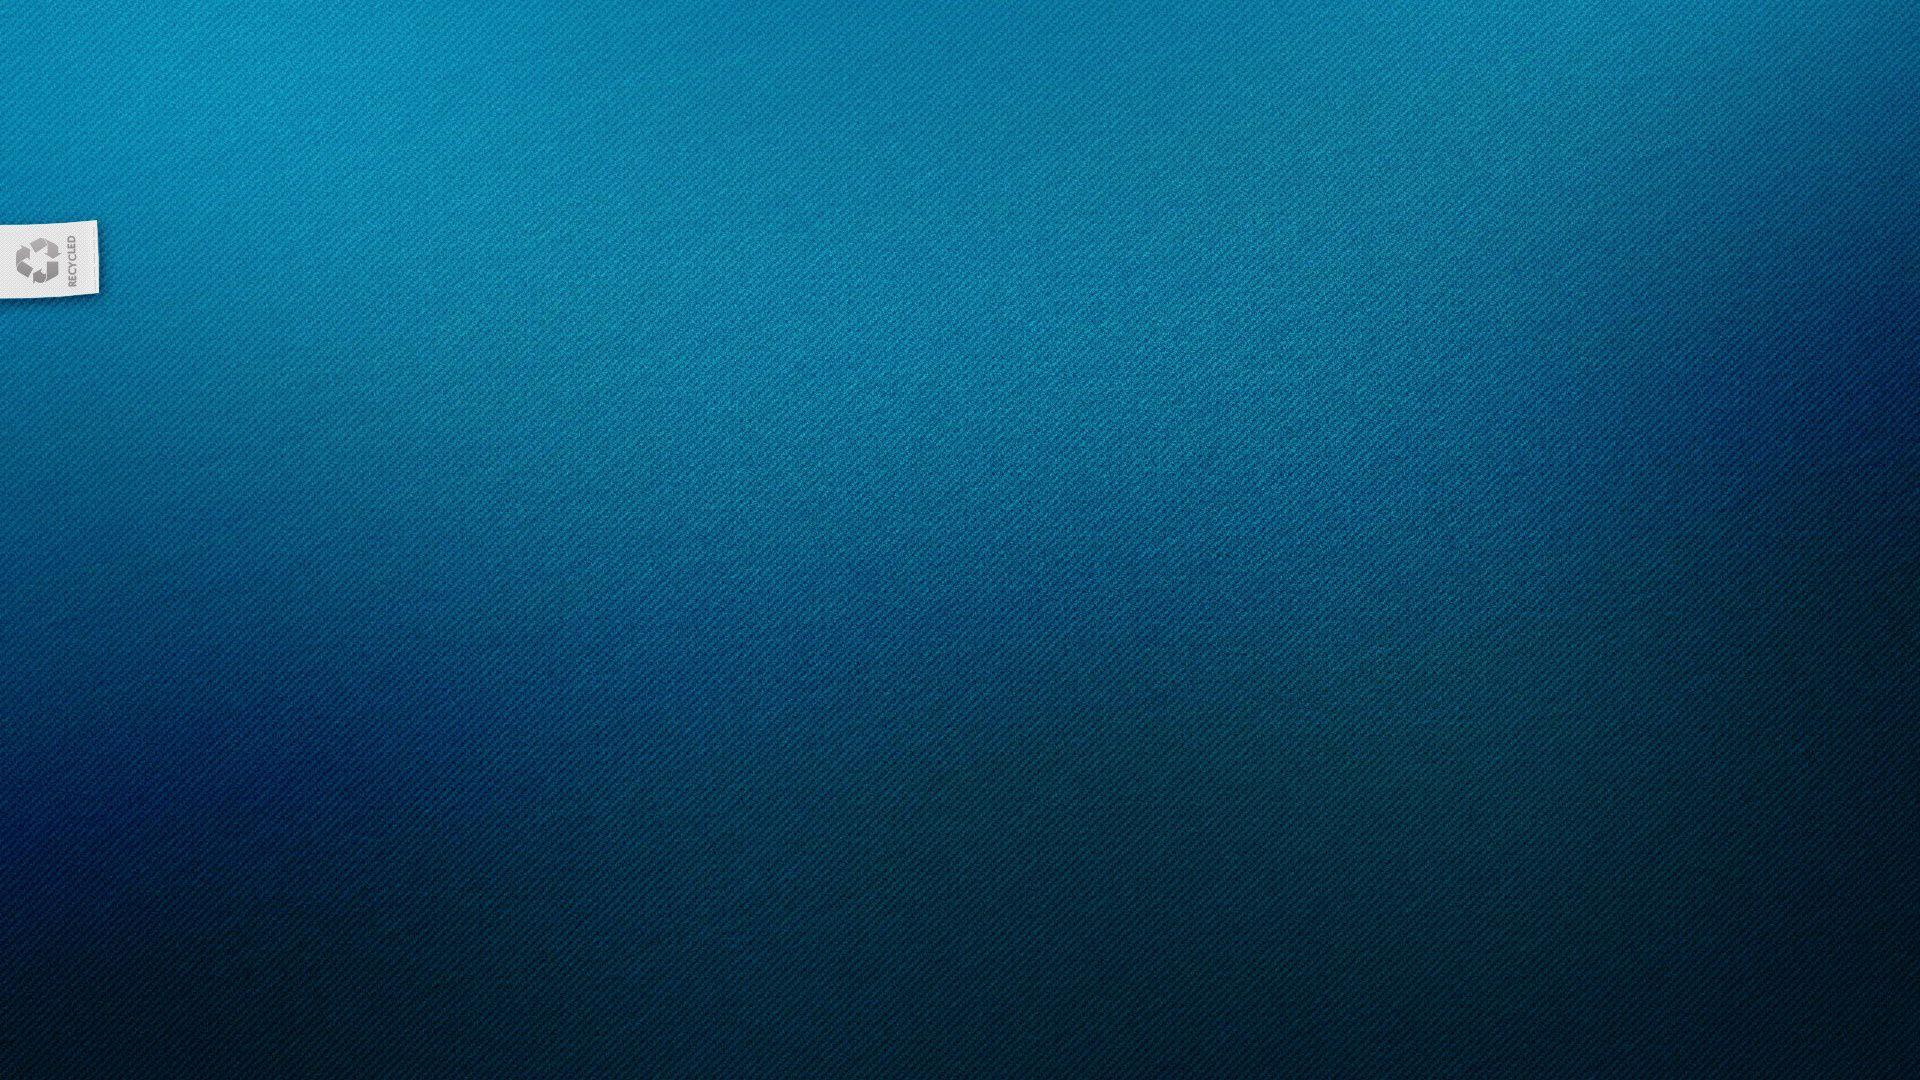 Image gallery textura azul for Fondo azul oscuro